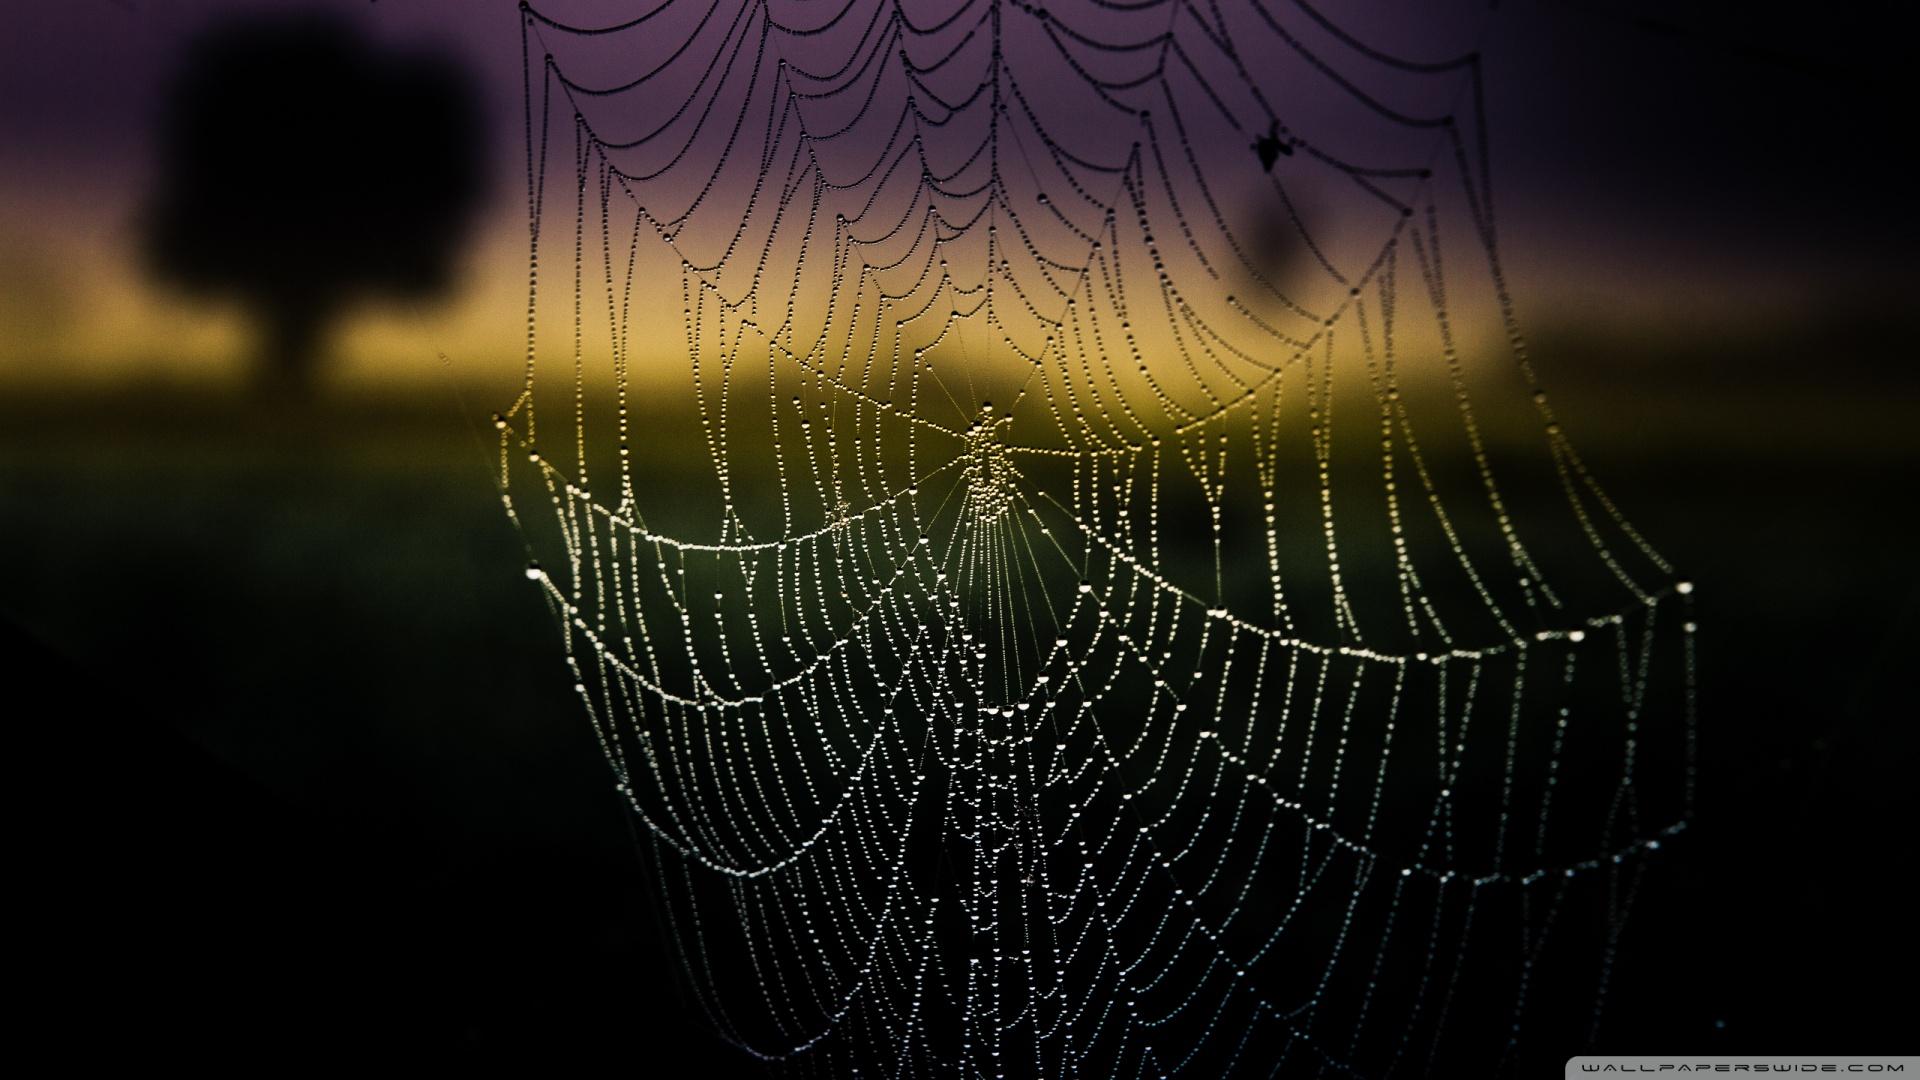 Download Spiderweb Background Wallpaper 1920x1080 1920x1080